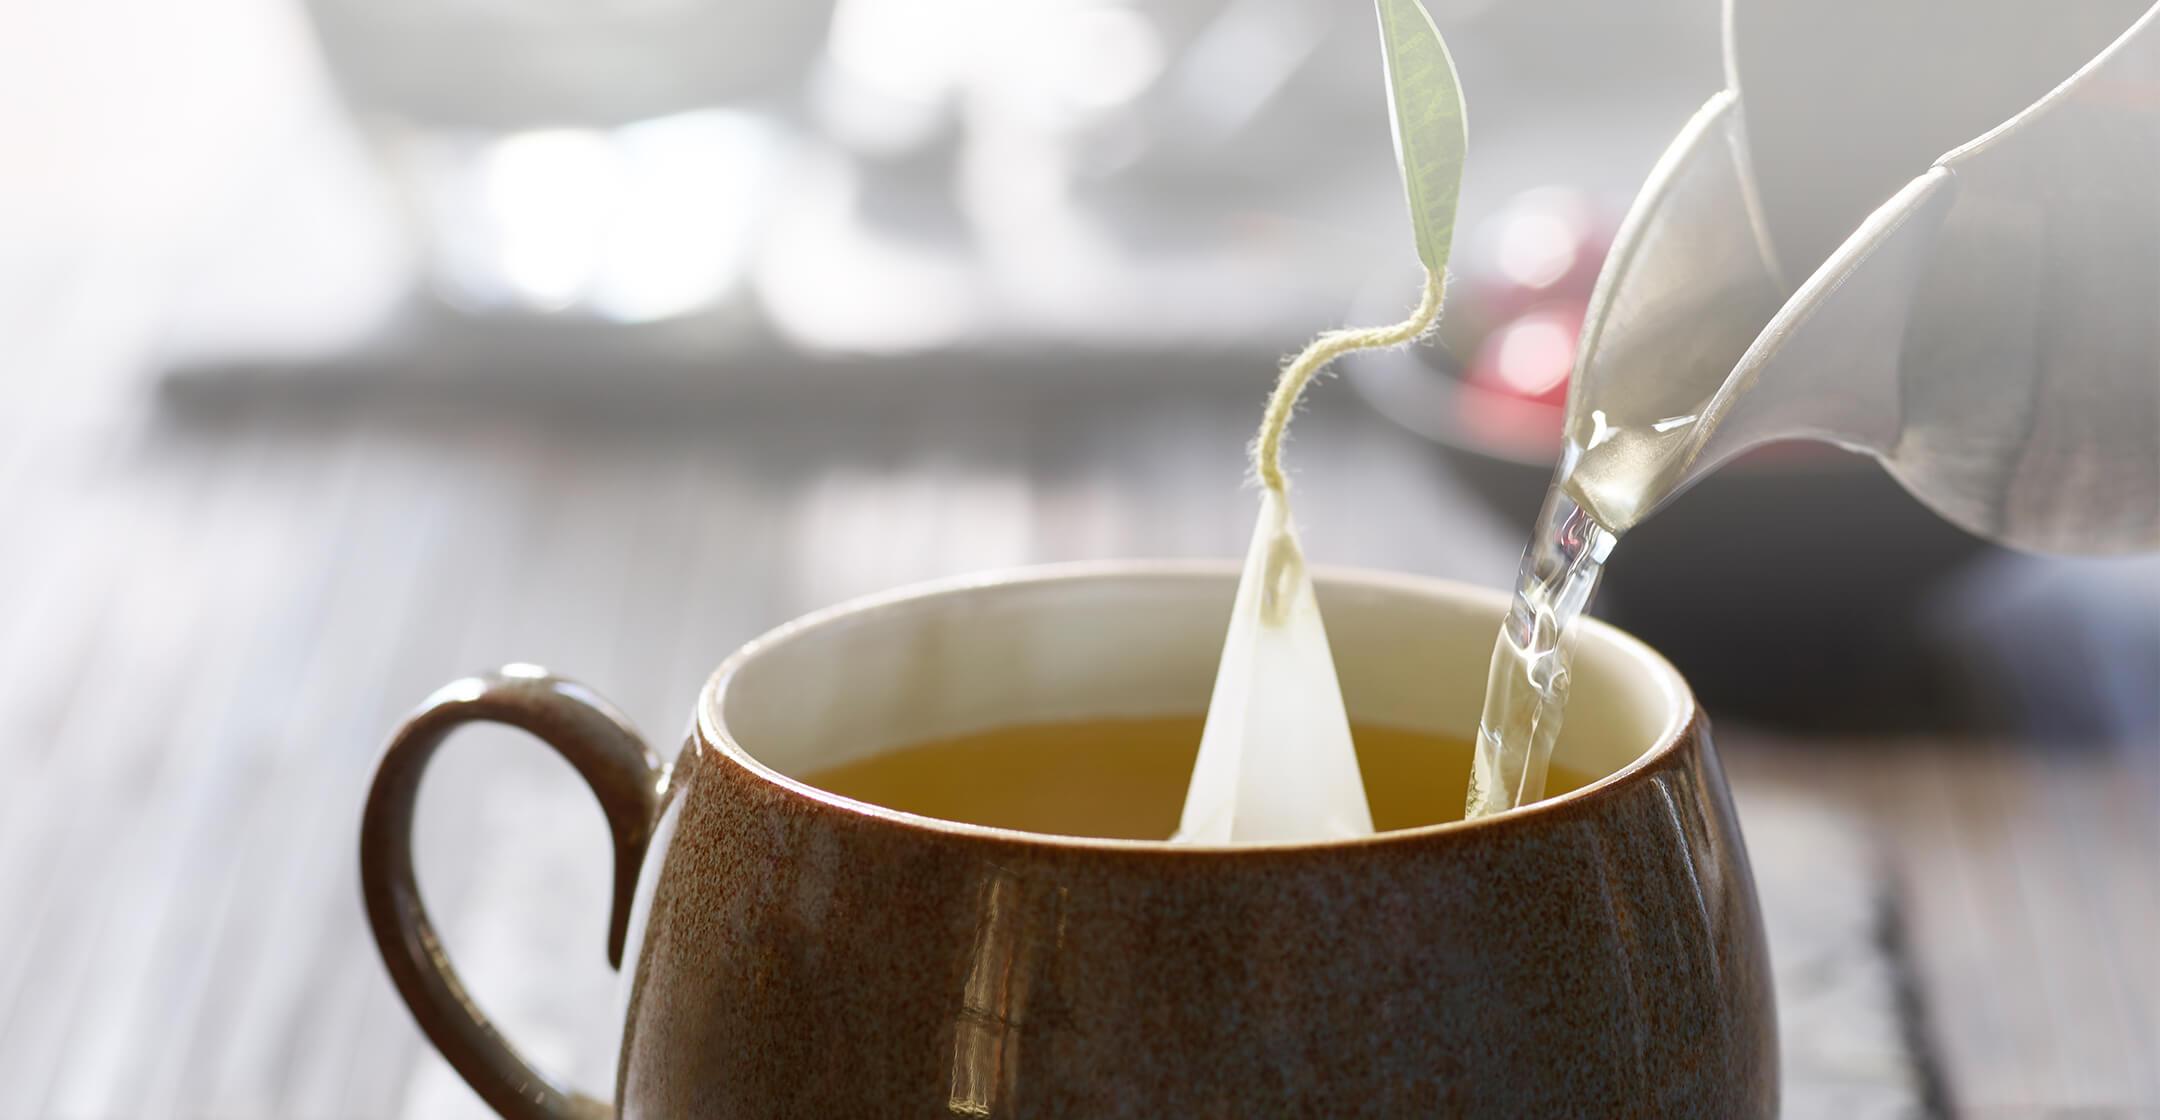 دمنوش چای سبز و گل محمدی (محصول ارگانیک)